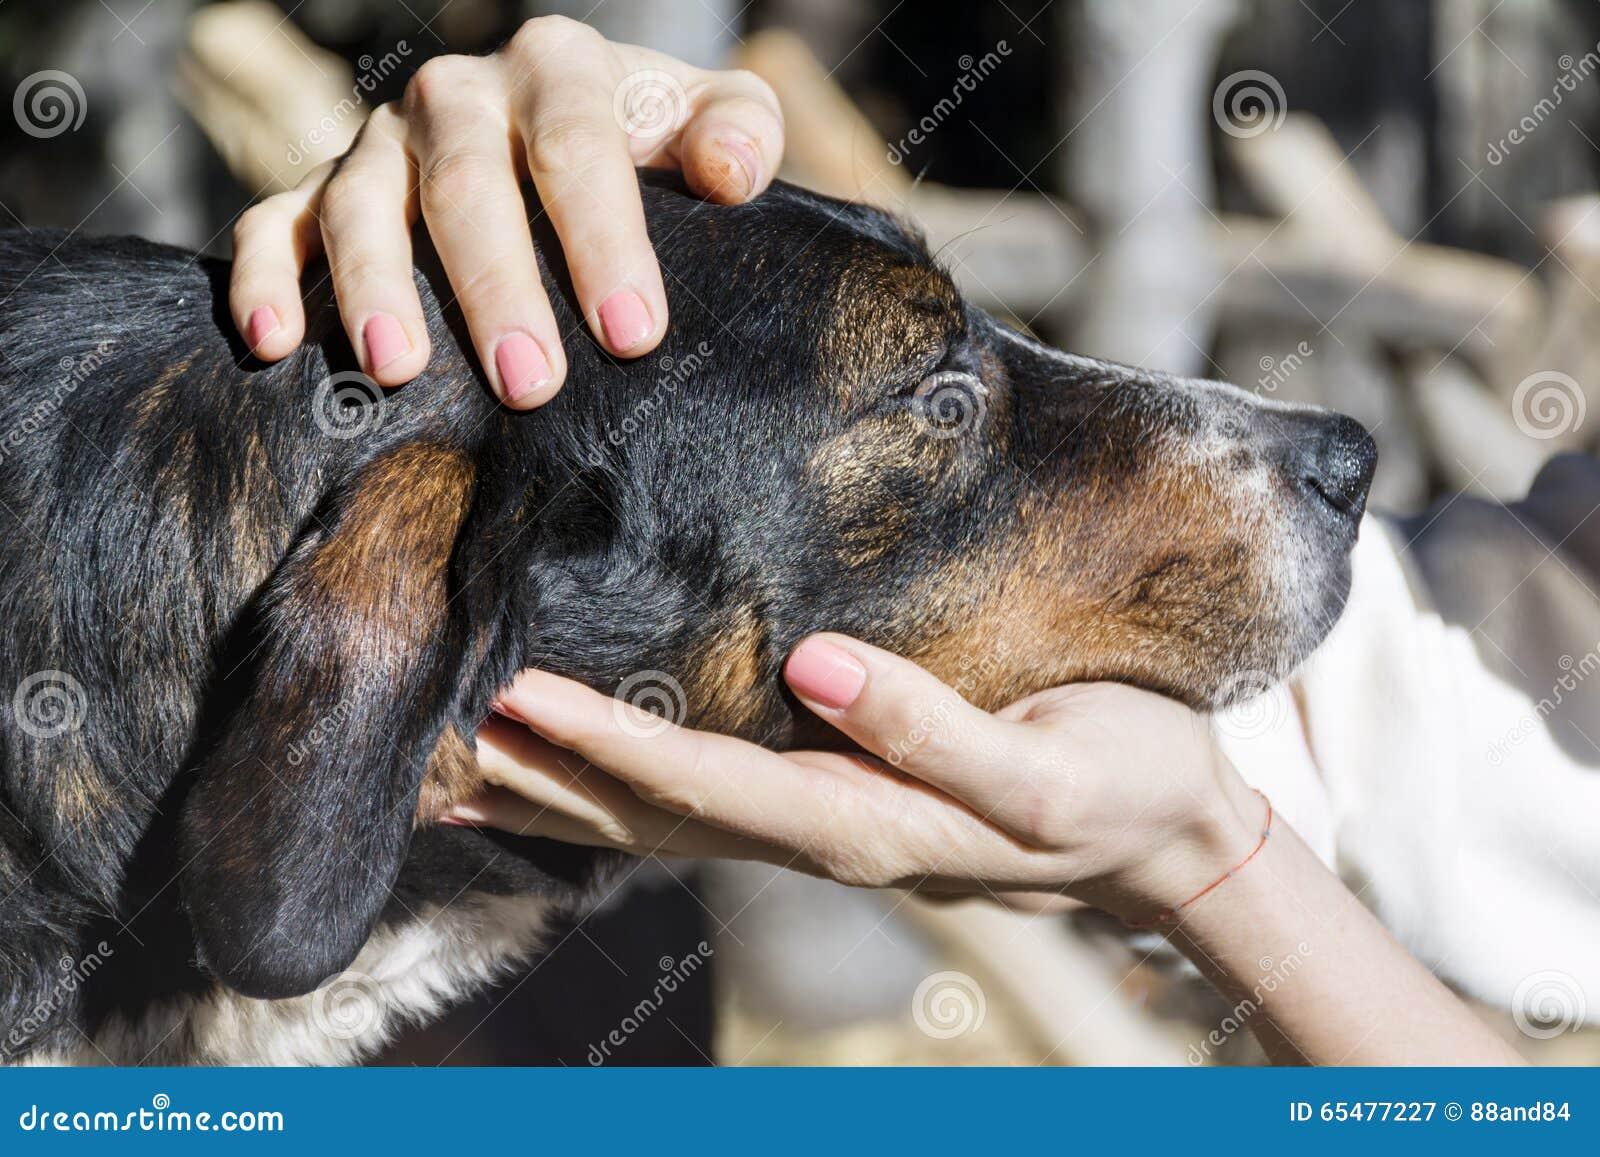 Frauenhände hätscheln einen obdachlosen Hund